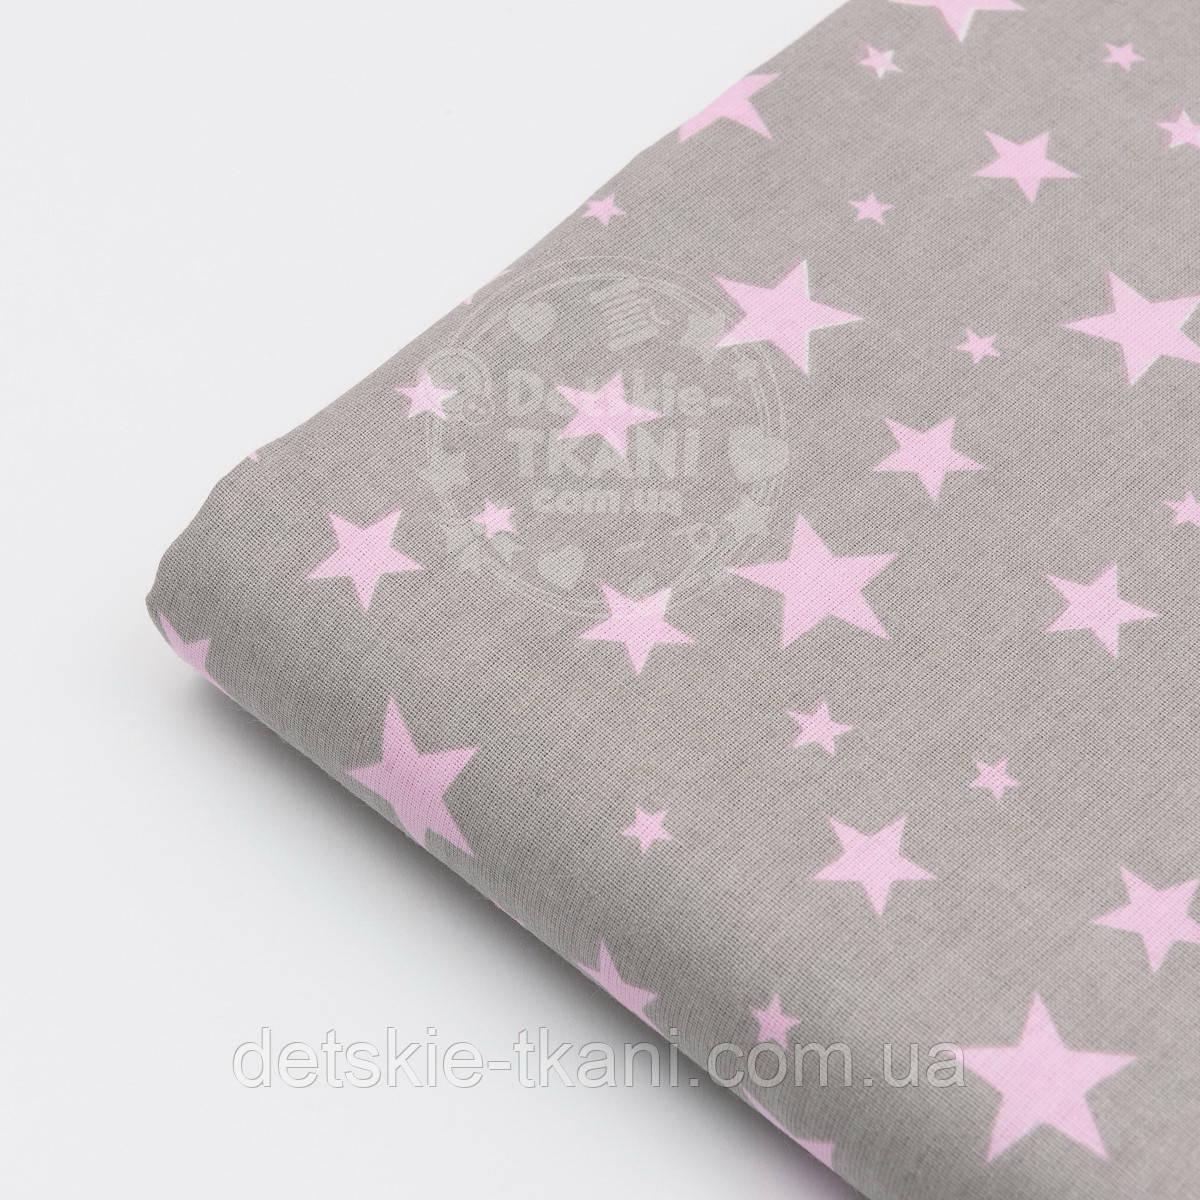 """Лоскут ткани №988  """"Звёздная россыпь"""" с розовыми звёздочками на сером фоне, роазмер 16*120 см"""